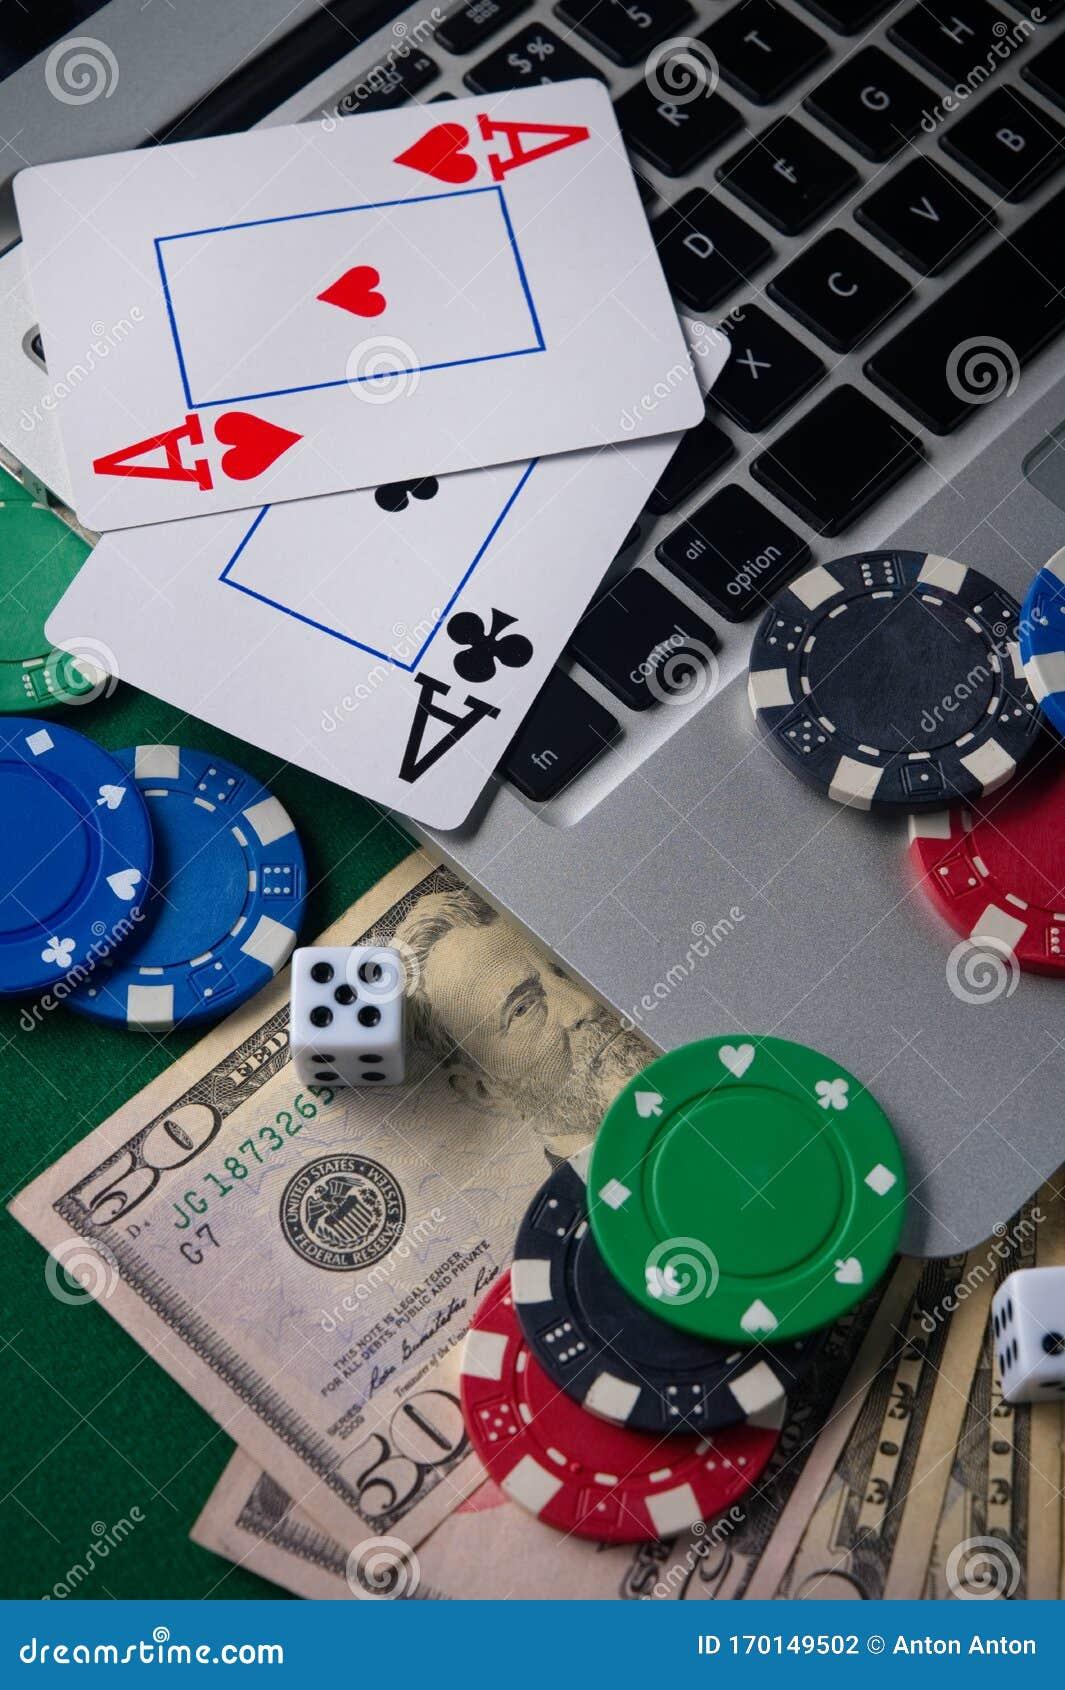 Карта покер смотреть онлайн игровые автоматы скачать бесплатно алькатрас